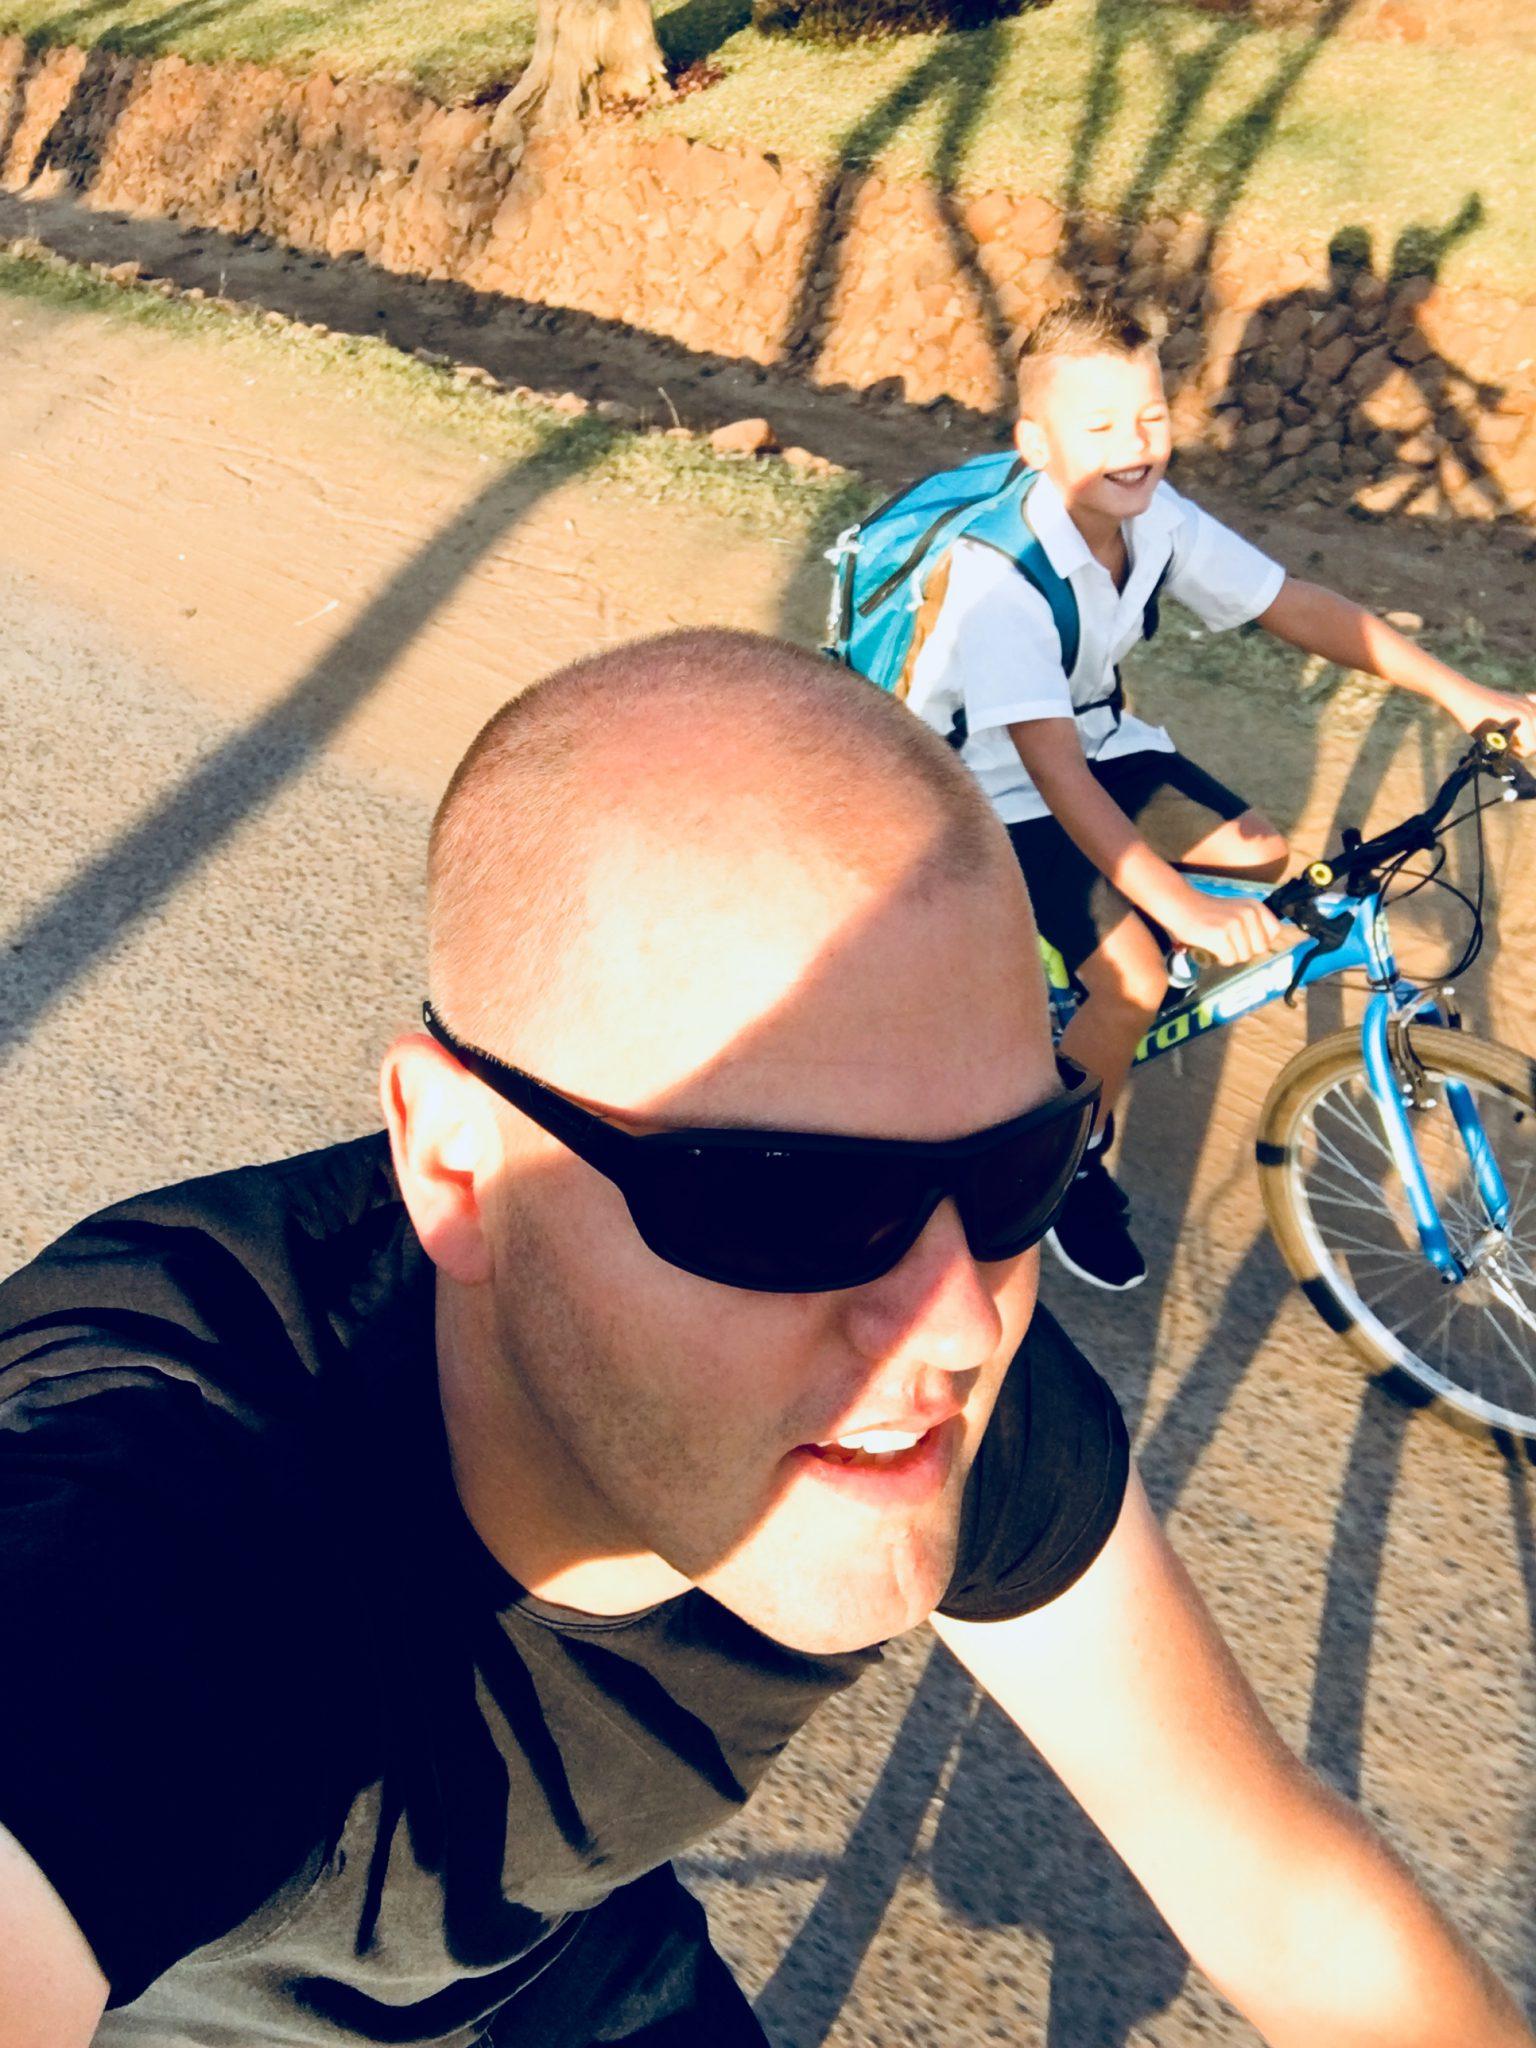 Gelukkig samen fietsen naar school Zambia